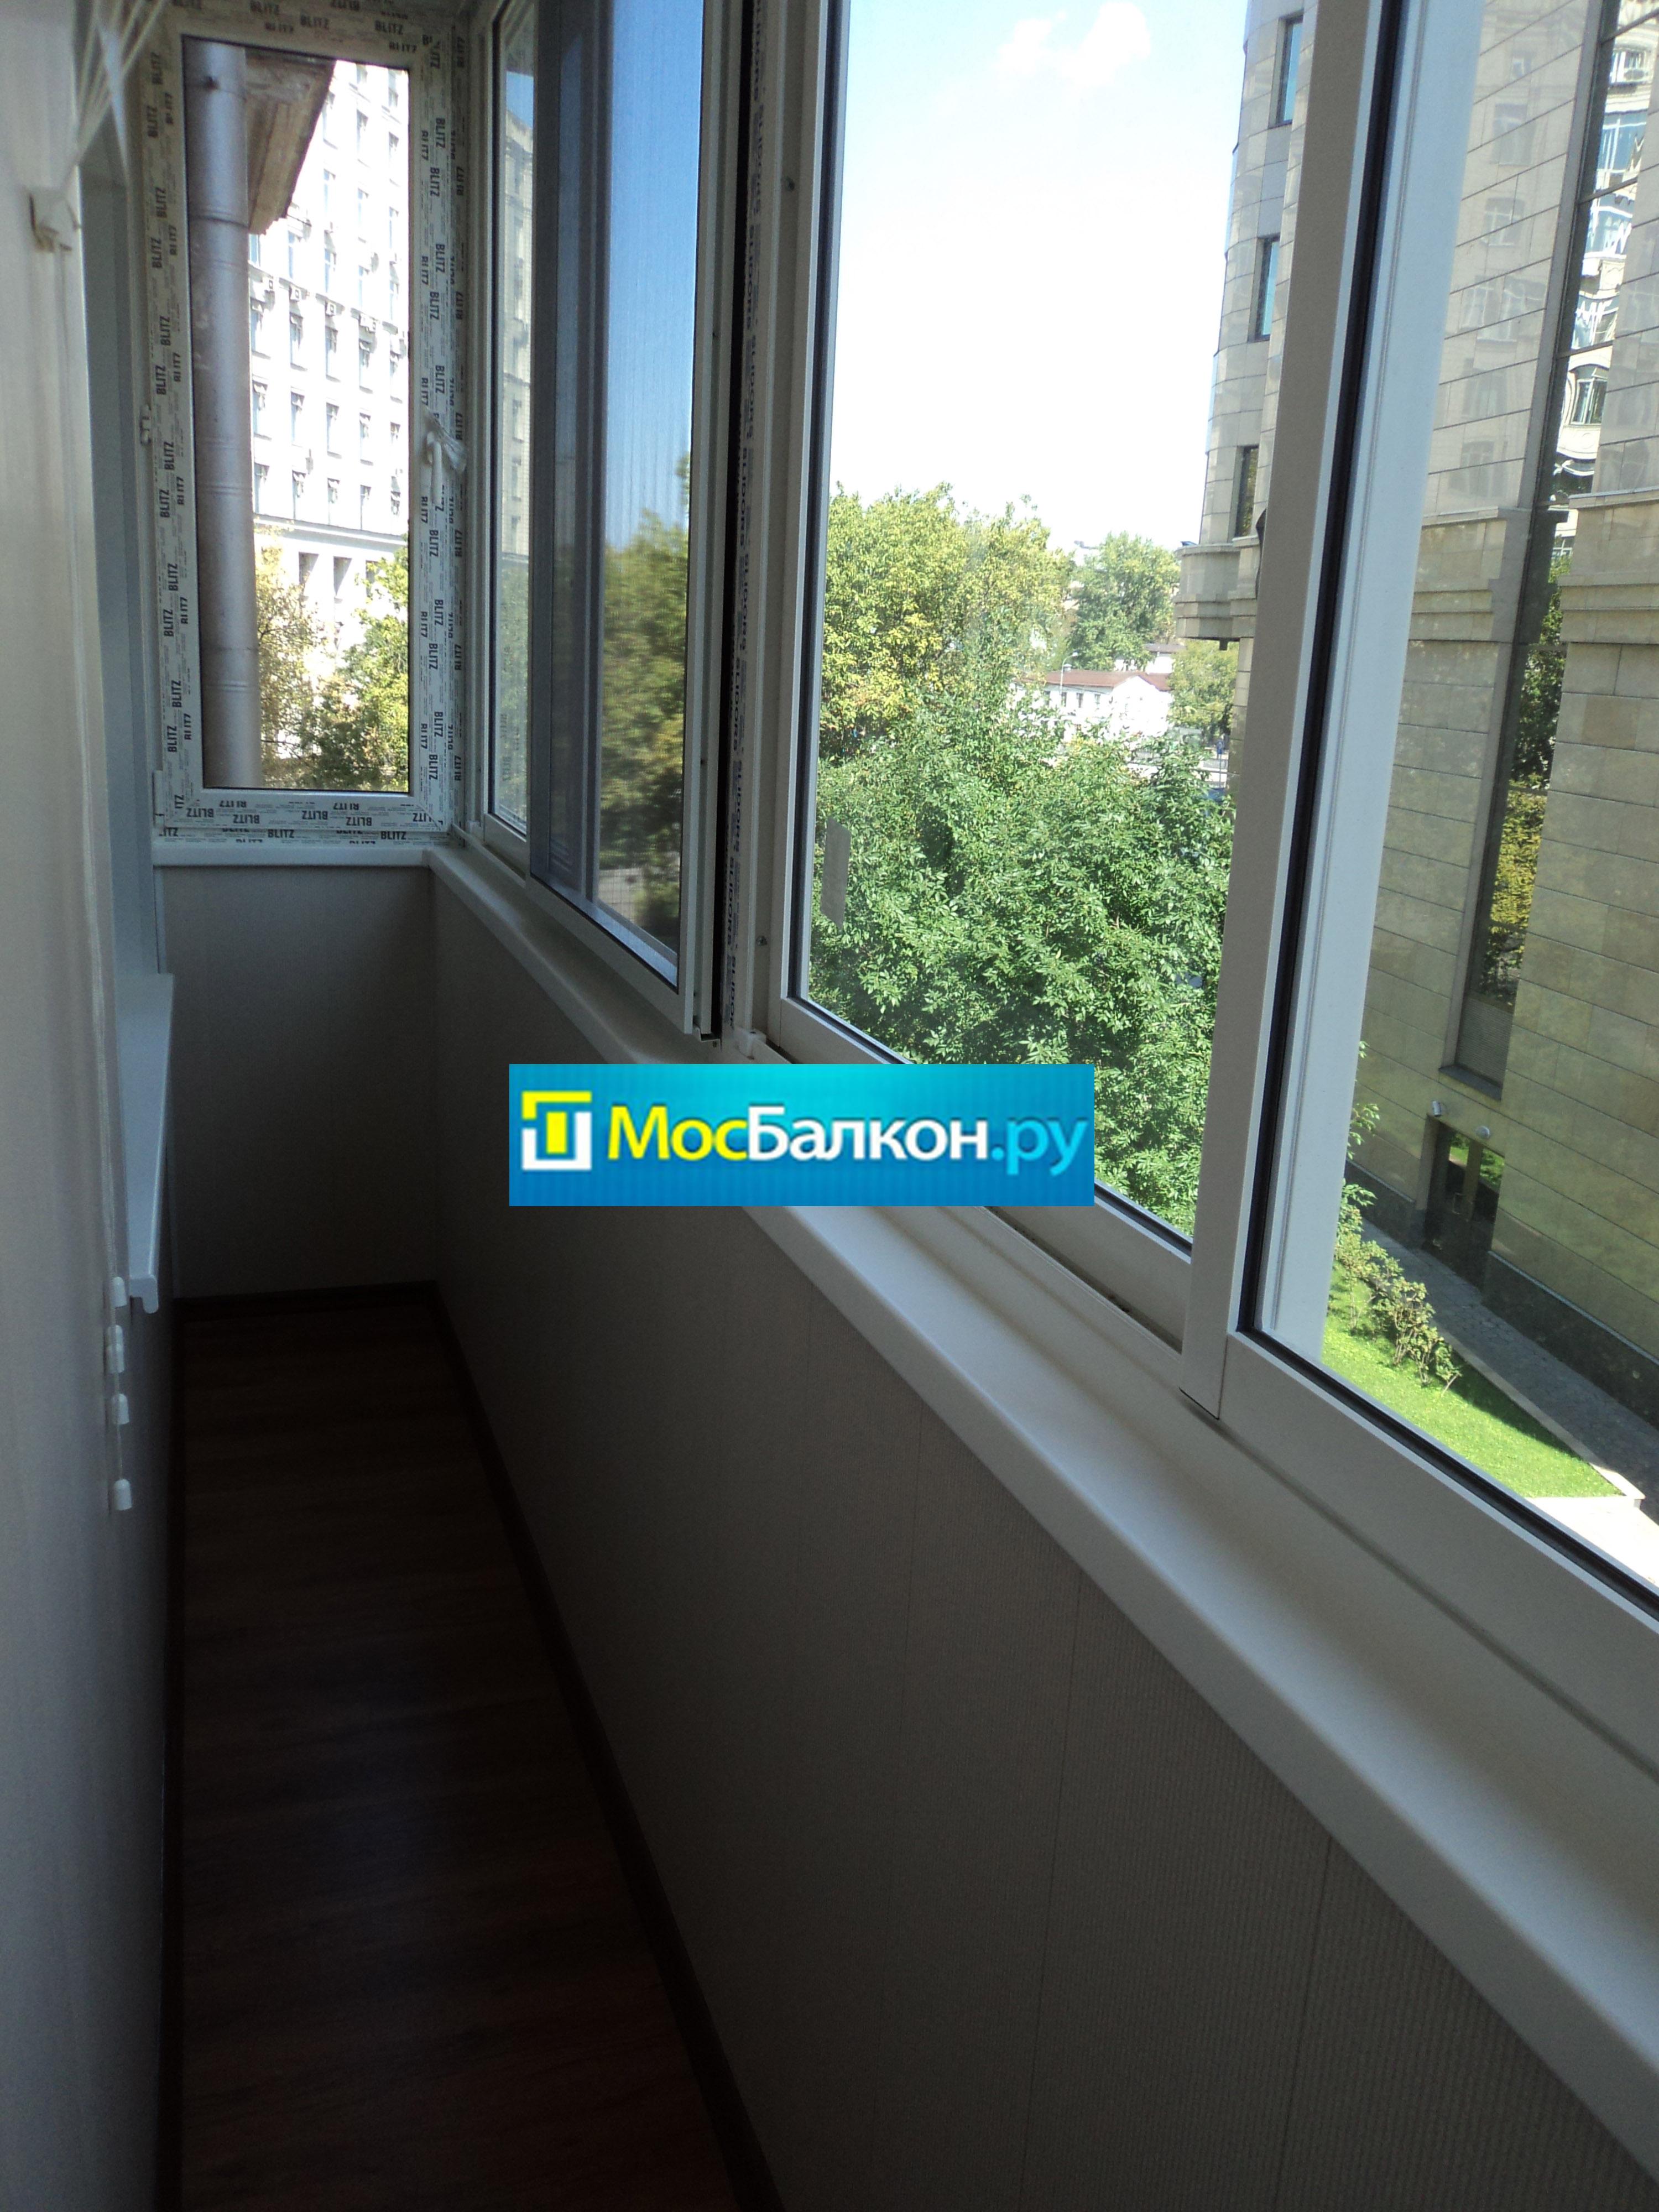 Остекление балконов и лоджий в видном мосбалкон.ру.